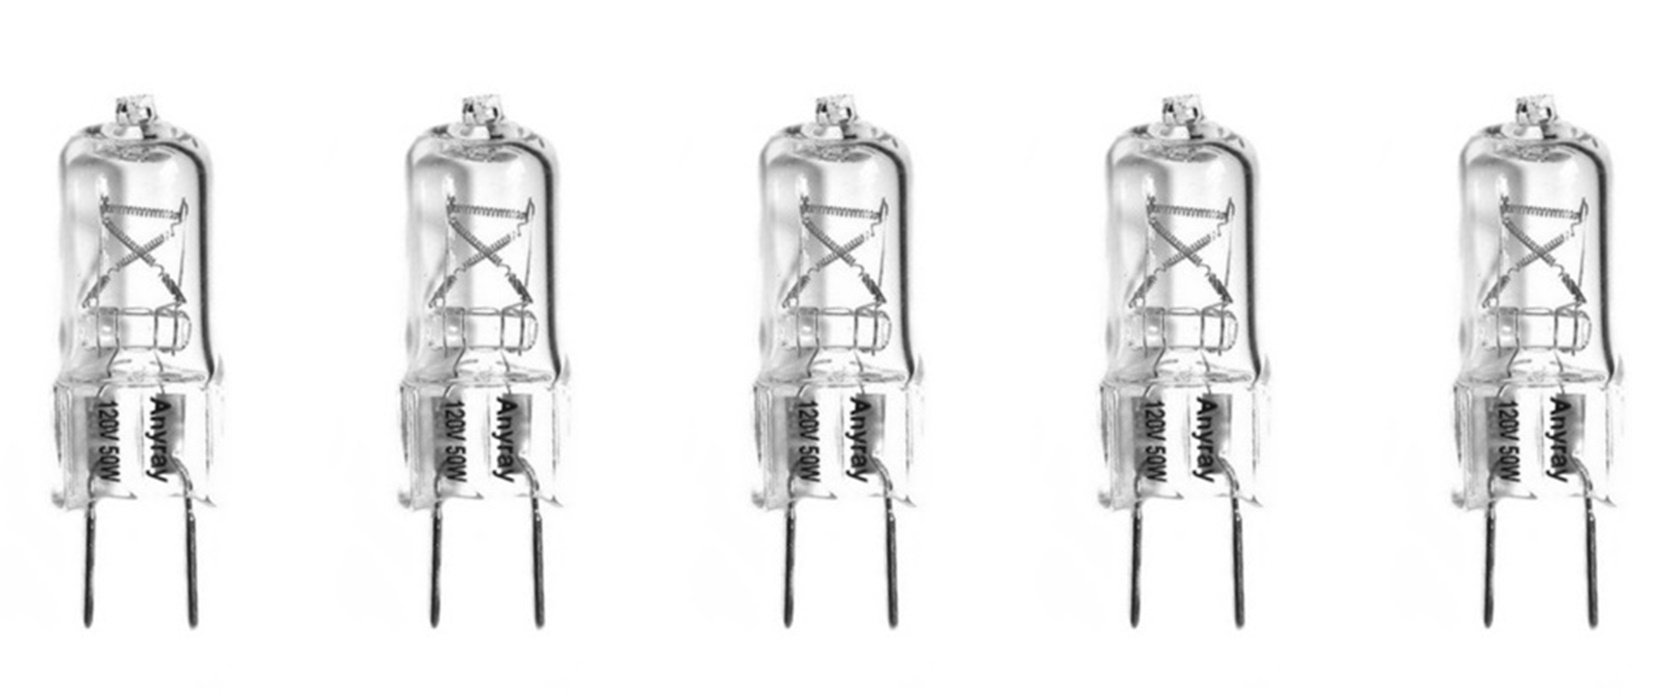 (5-Pack) G8 Lighting Halogen Bulbs, JCD Type, G8 Base, 120V 50W, Set of 5